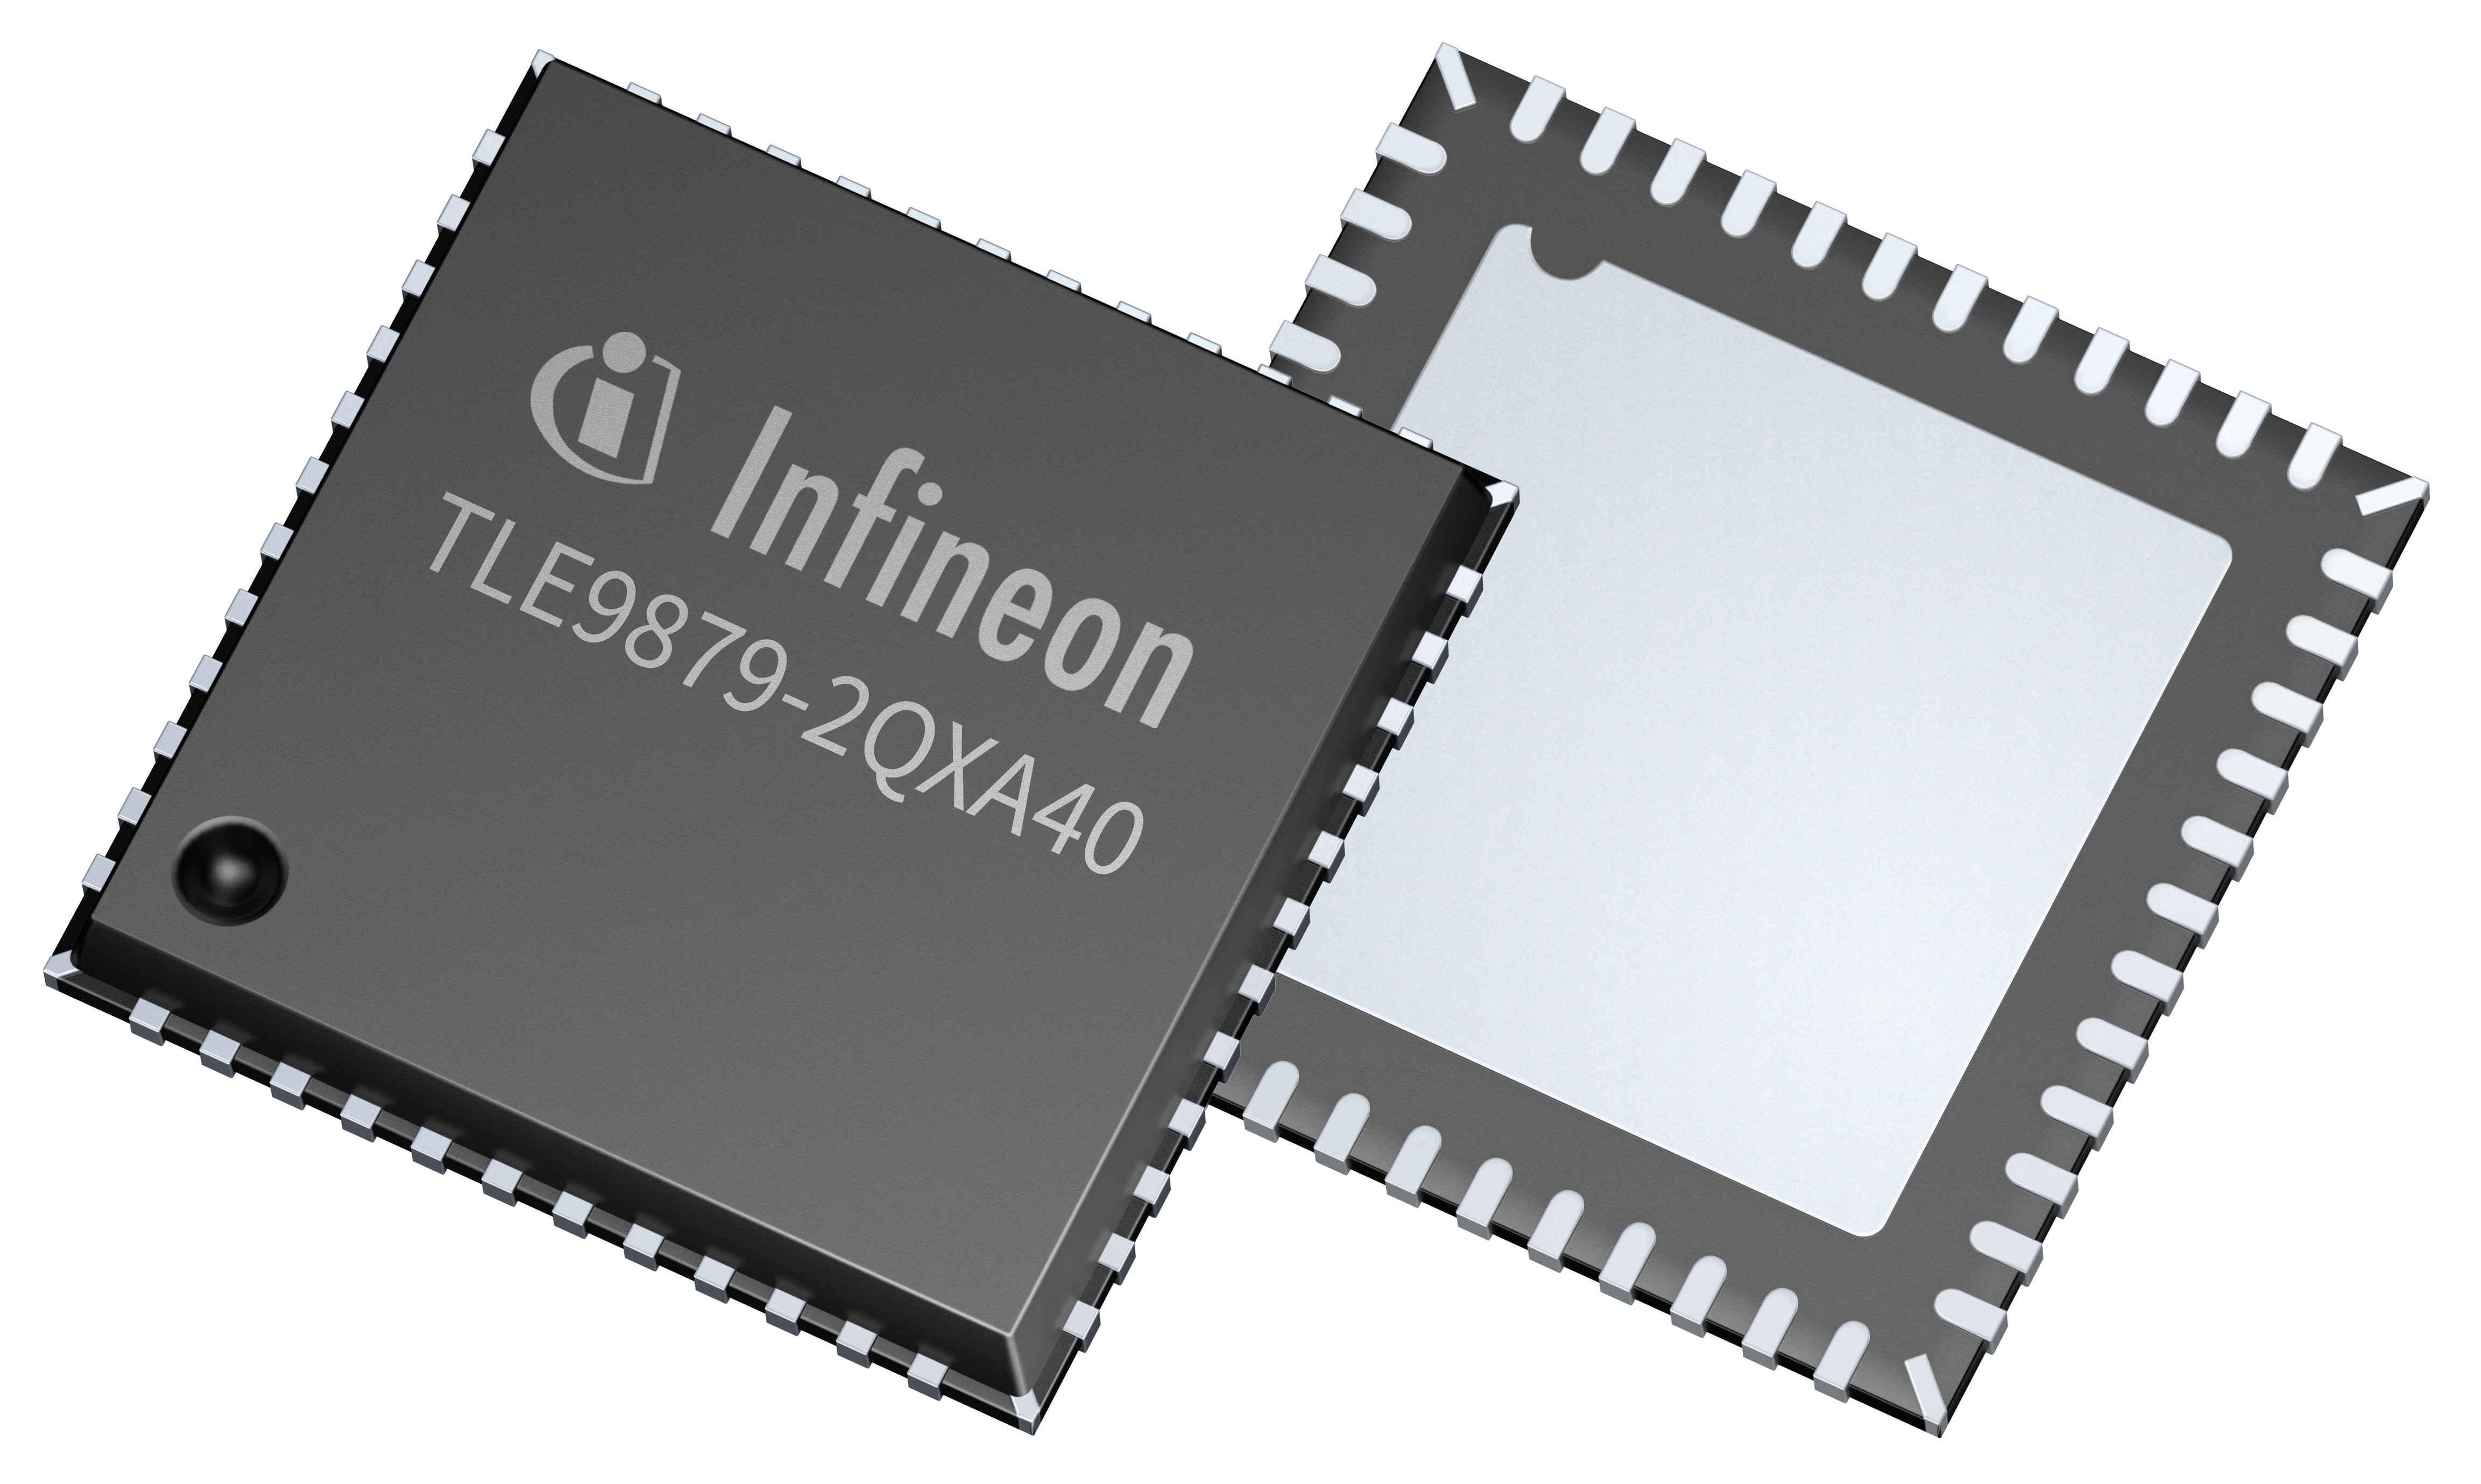 TLE9879-2QXA40 - Infineon Technologies